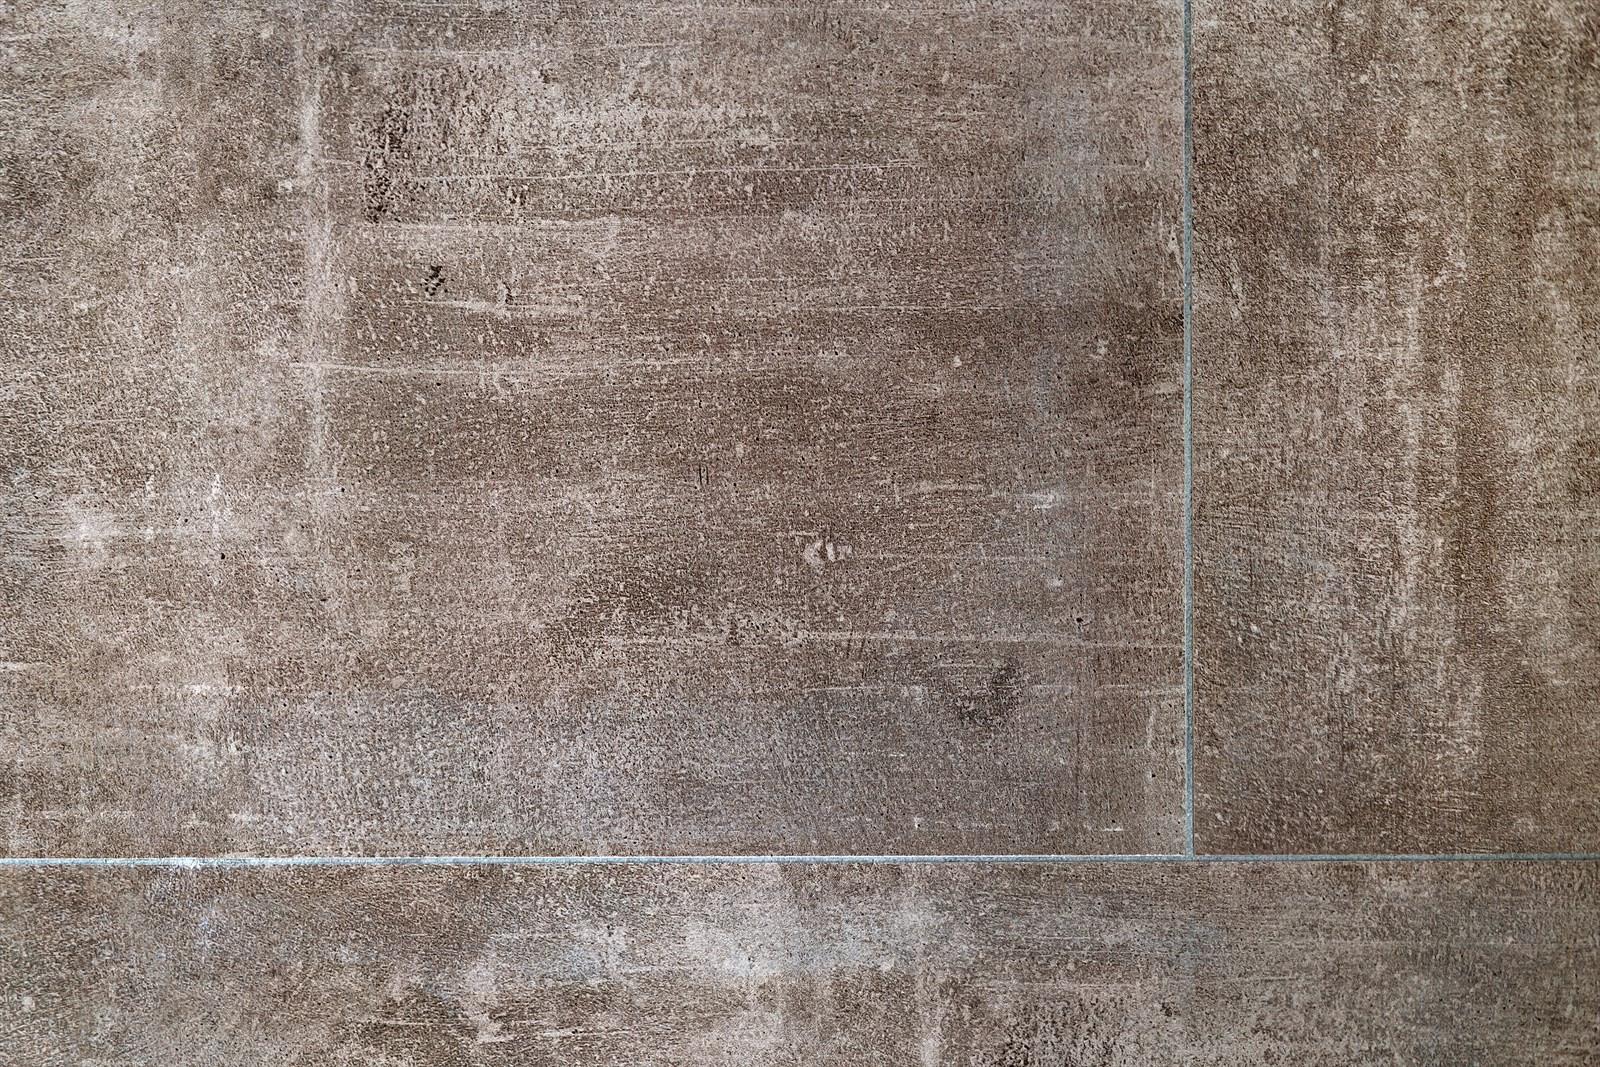 Fliser på bad og vindfang - finnes i grå og brun/beige